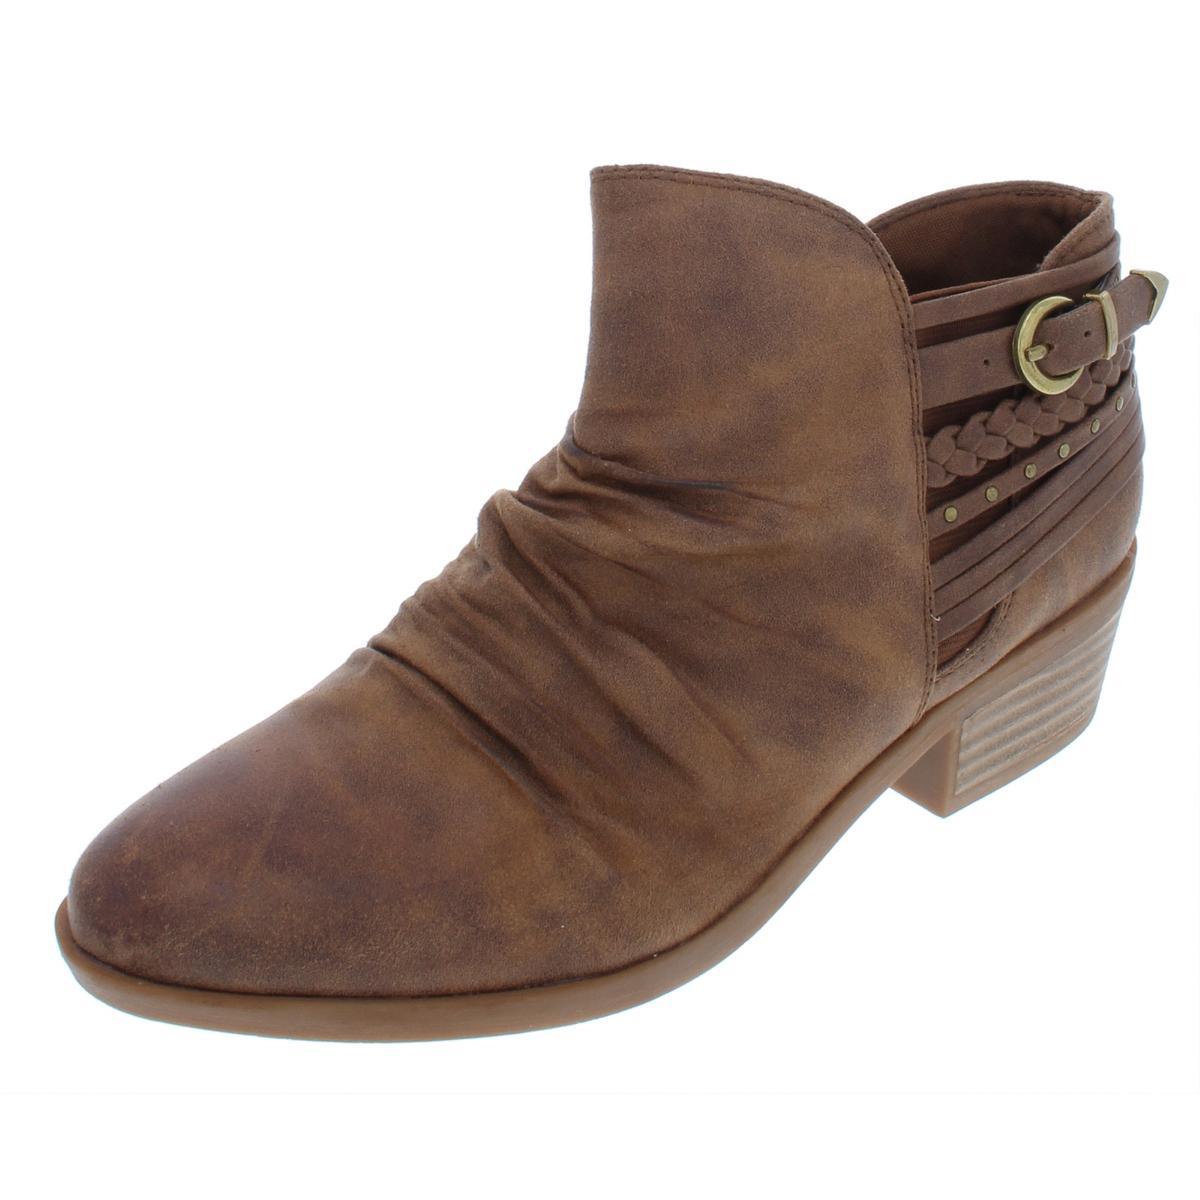 BareTraps para mujer guenna Imitación Gamuza zapatos ALMENDRAS TOE Acanalada Botines zapatos Gamuza  BHFO 6670 cefbd1